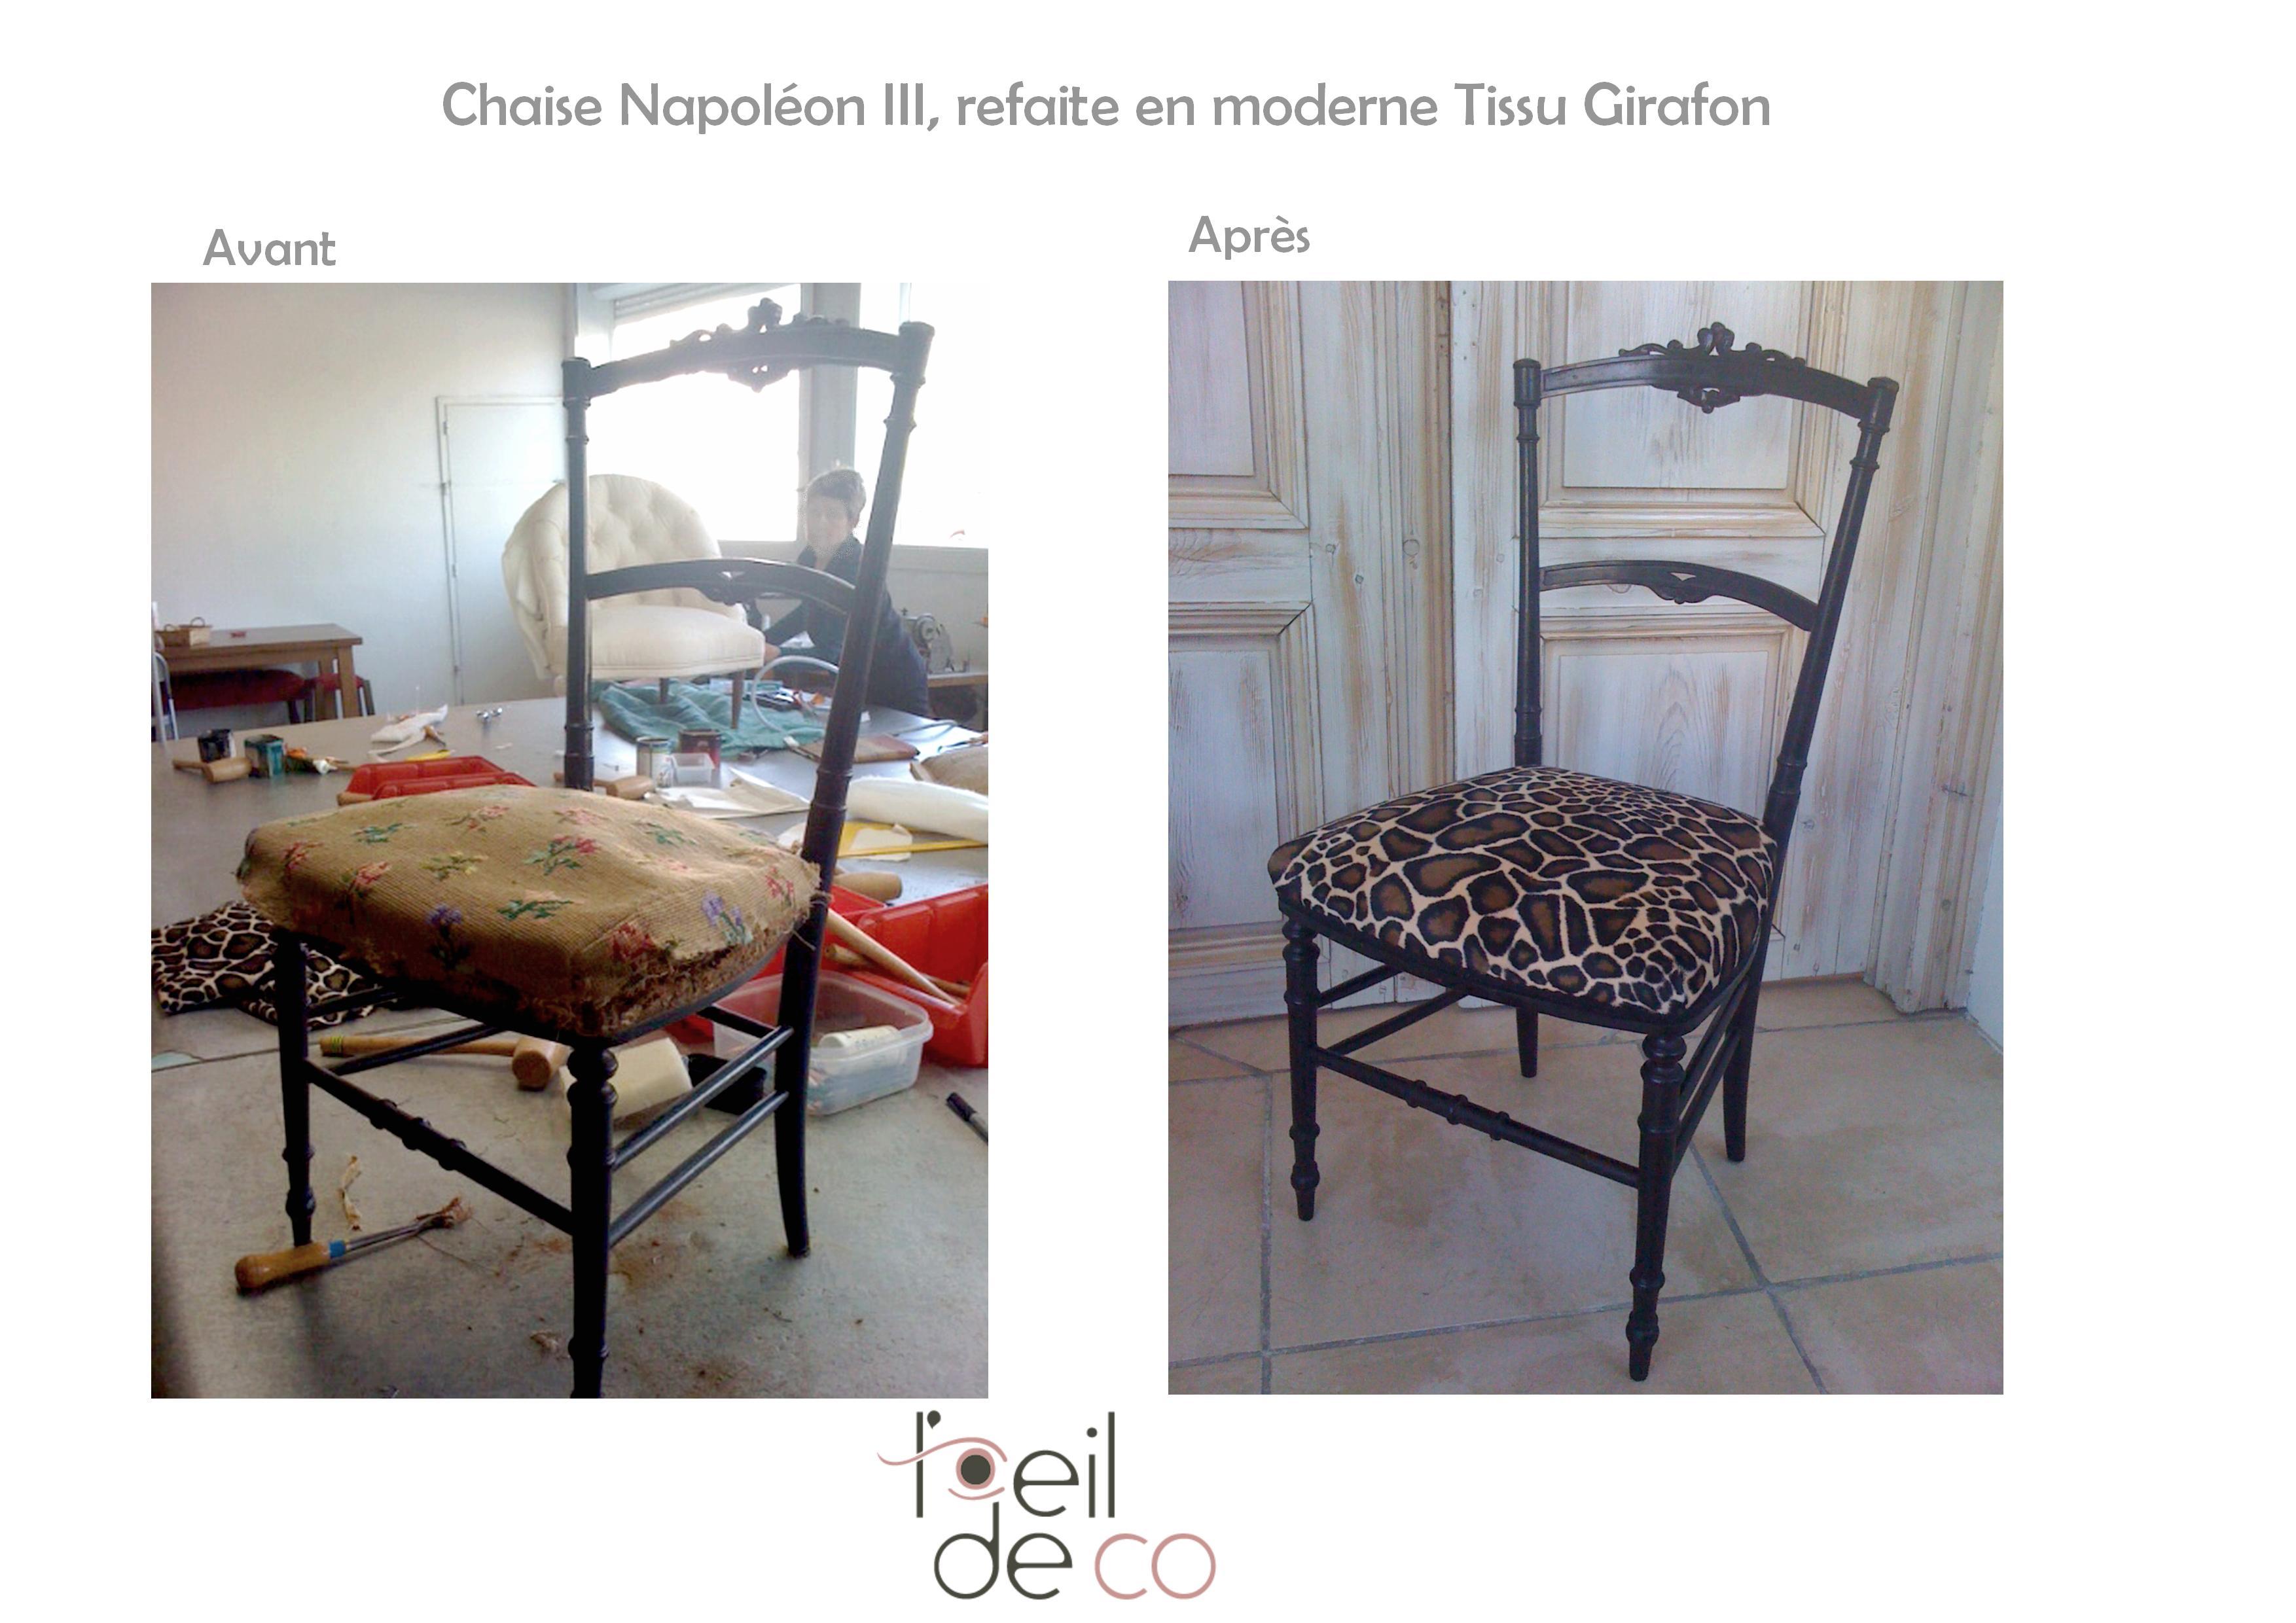 chaise_napoleonIII_tissu_girafon